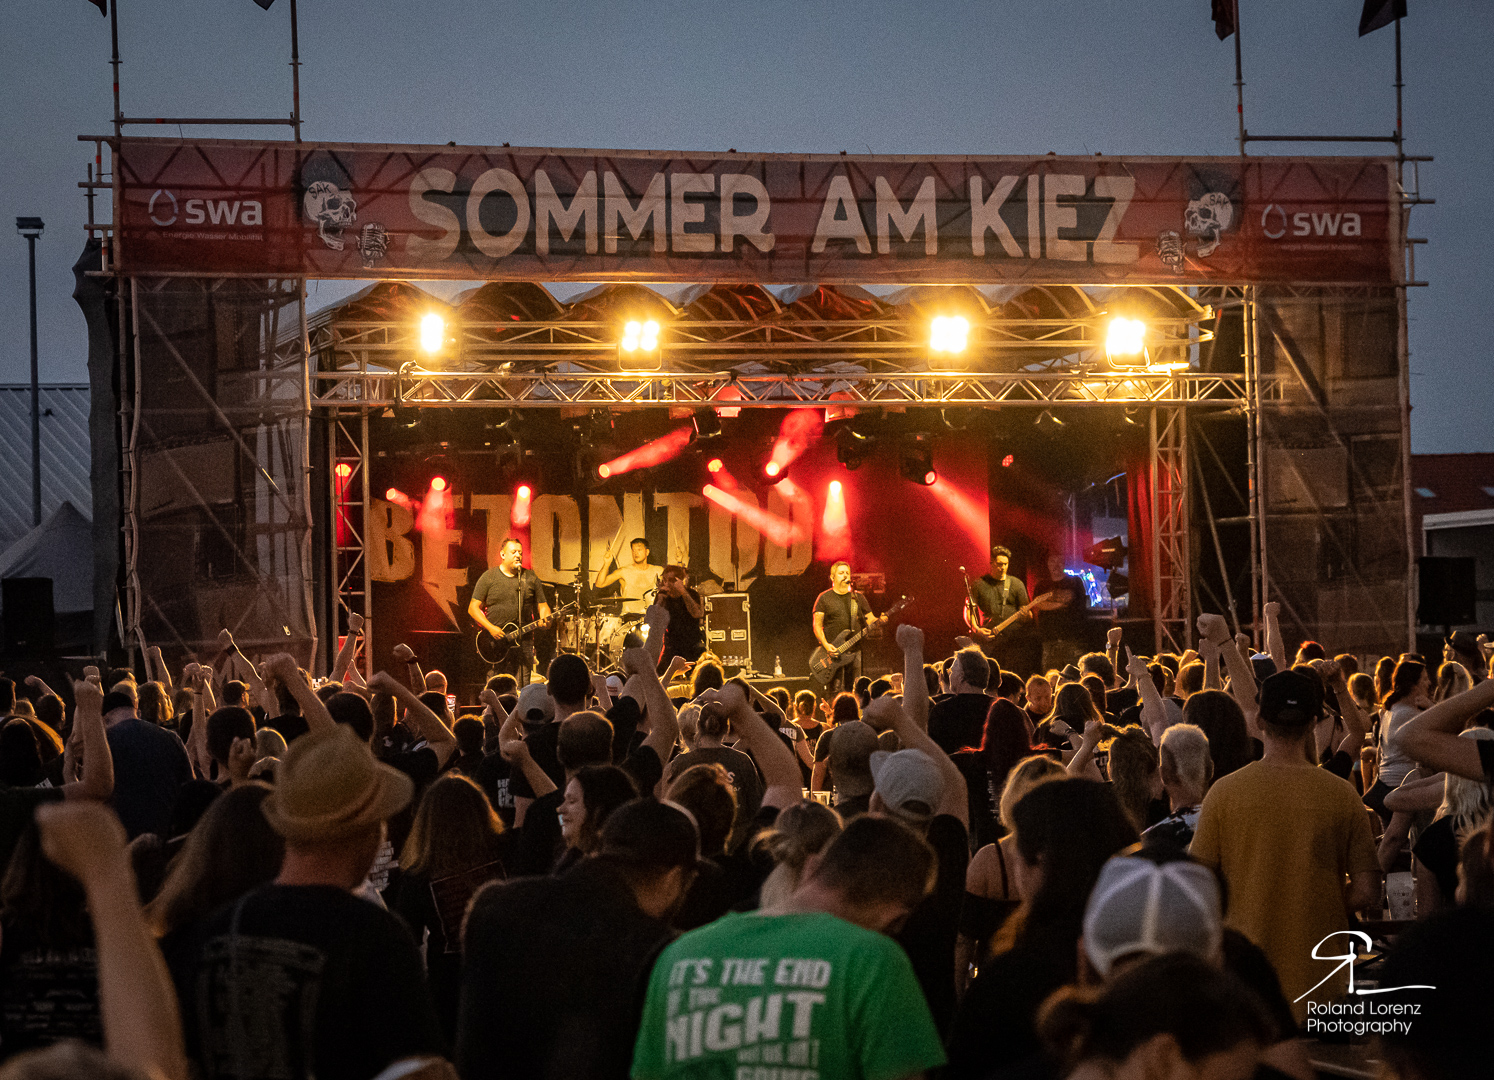 betontod-und-kadavar-beim-sommer-am-kiez-in-augsburg-am-13-14-8-2021-fotoreview